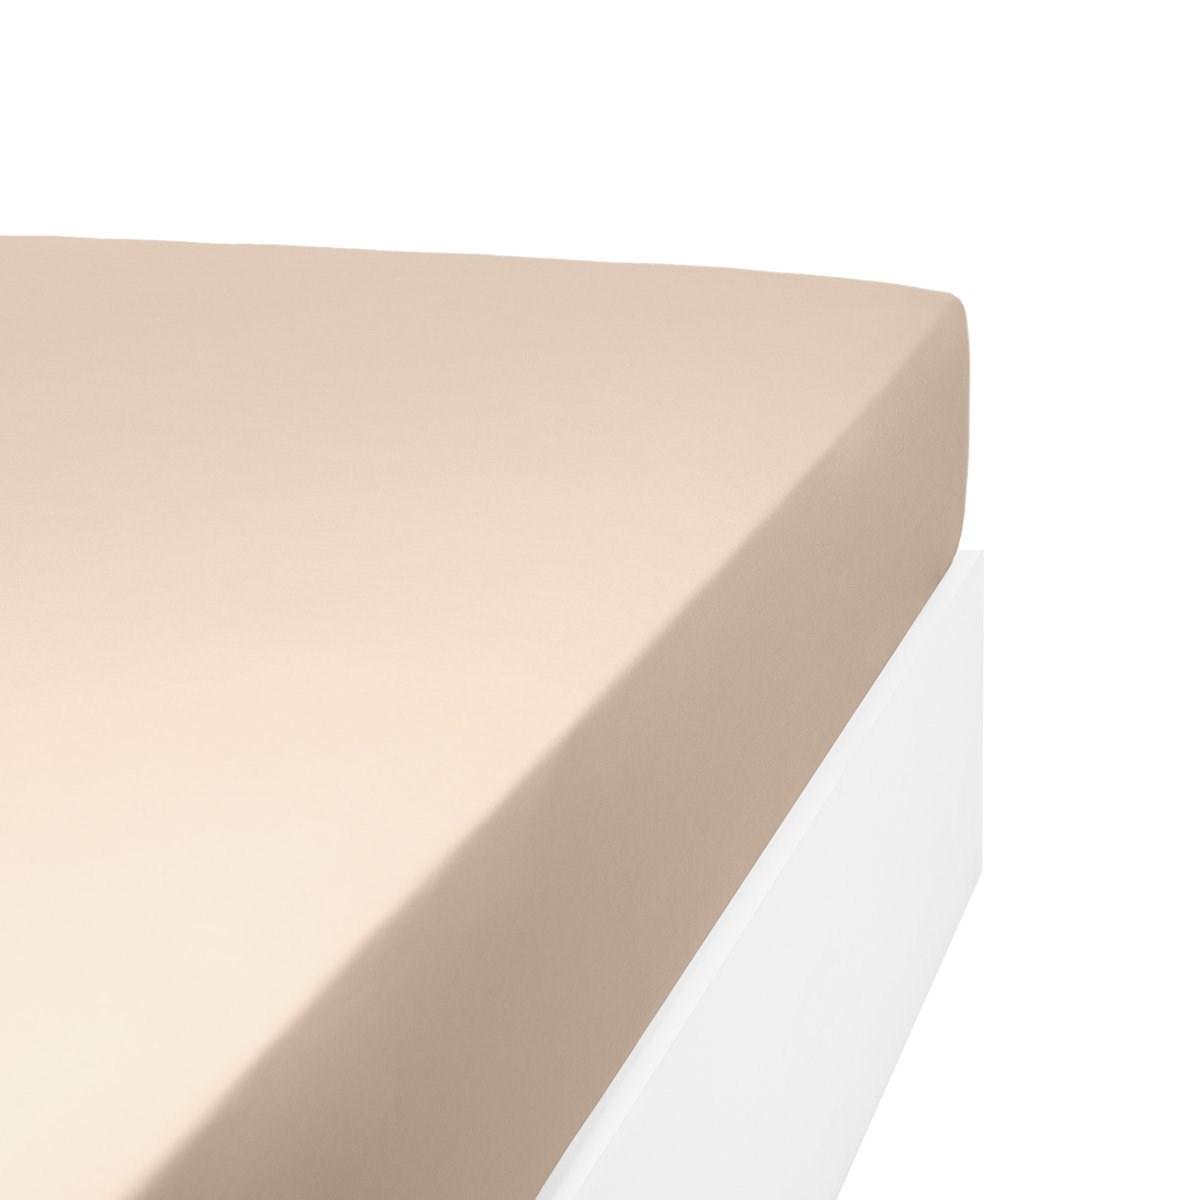 Drap housse uni 200 fils en de coton beige foncé 140x200 cm